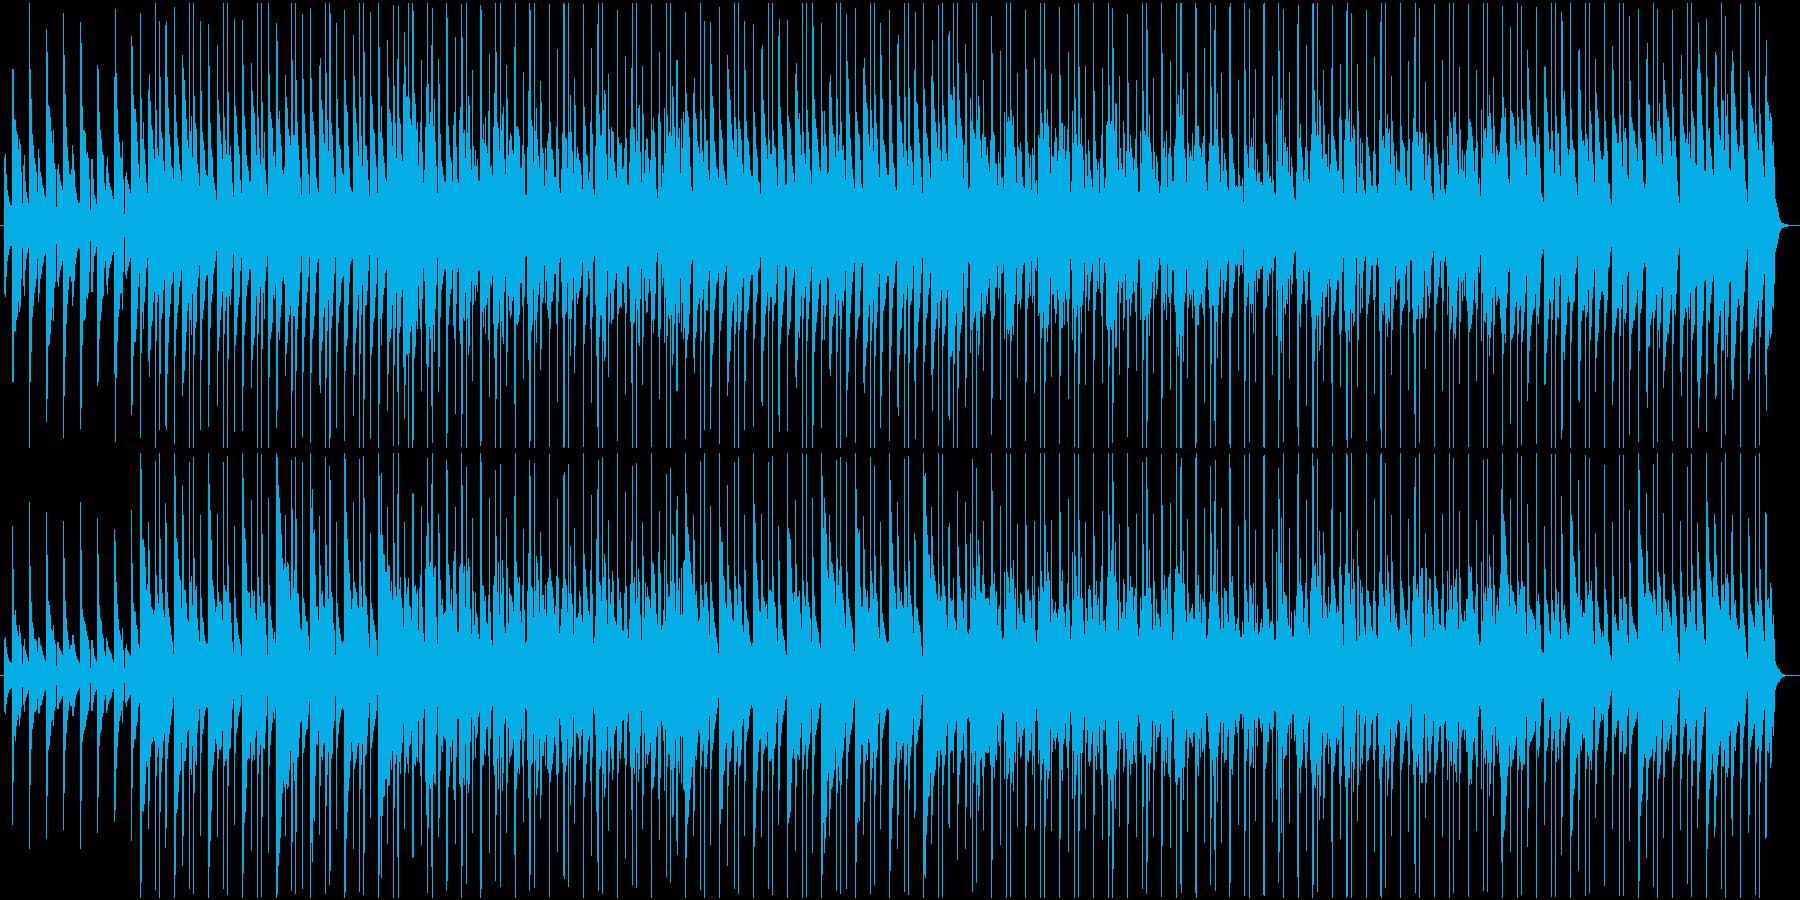 ドキュメンタリー 堅実さを伝えるBGMの再生済みの波形